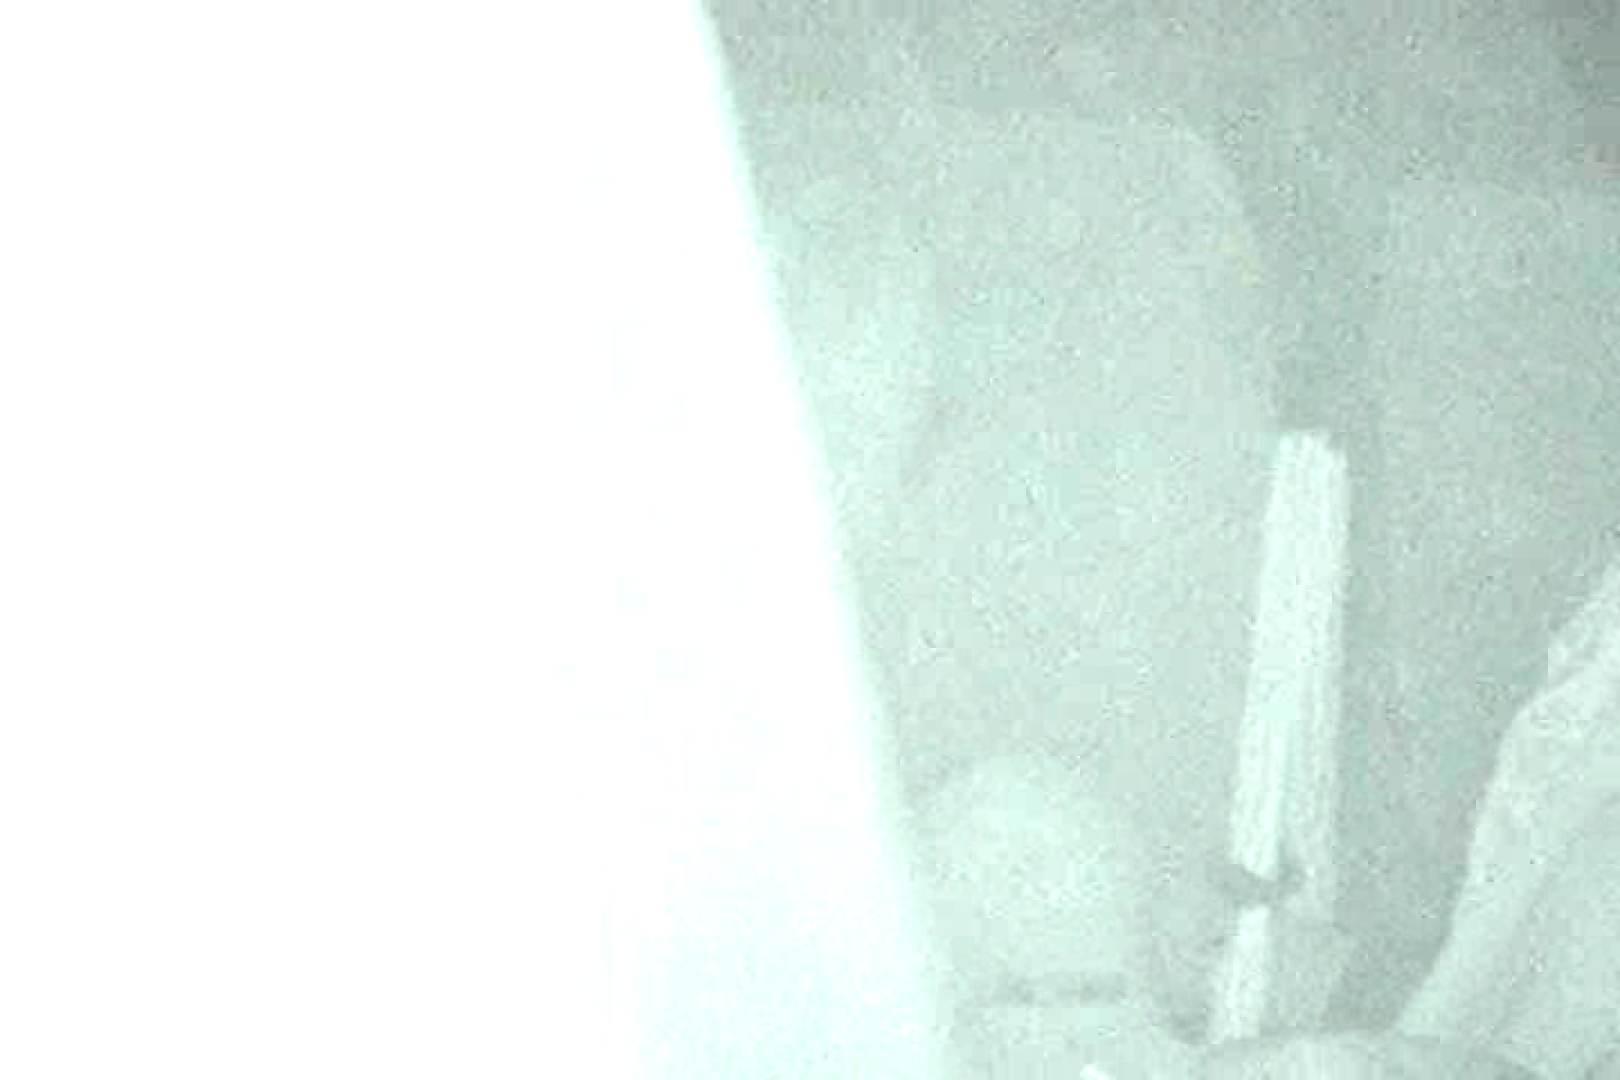 充血監督の深夜の運動会Vol.11 マンコ スケベ動画紹介 102連発 83